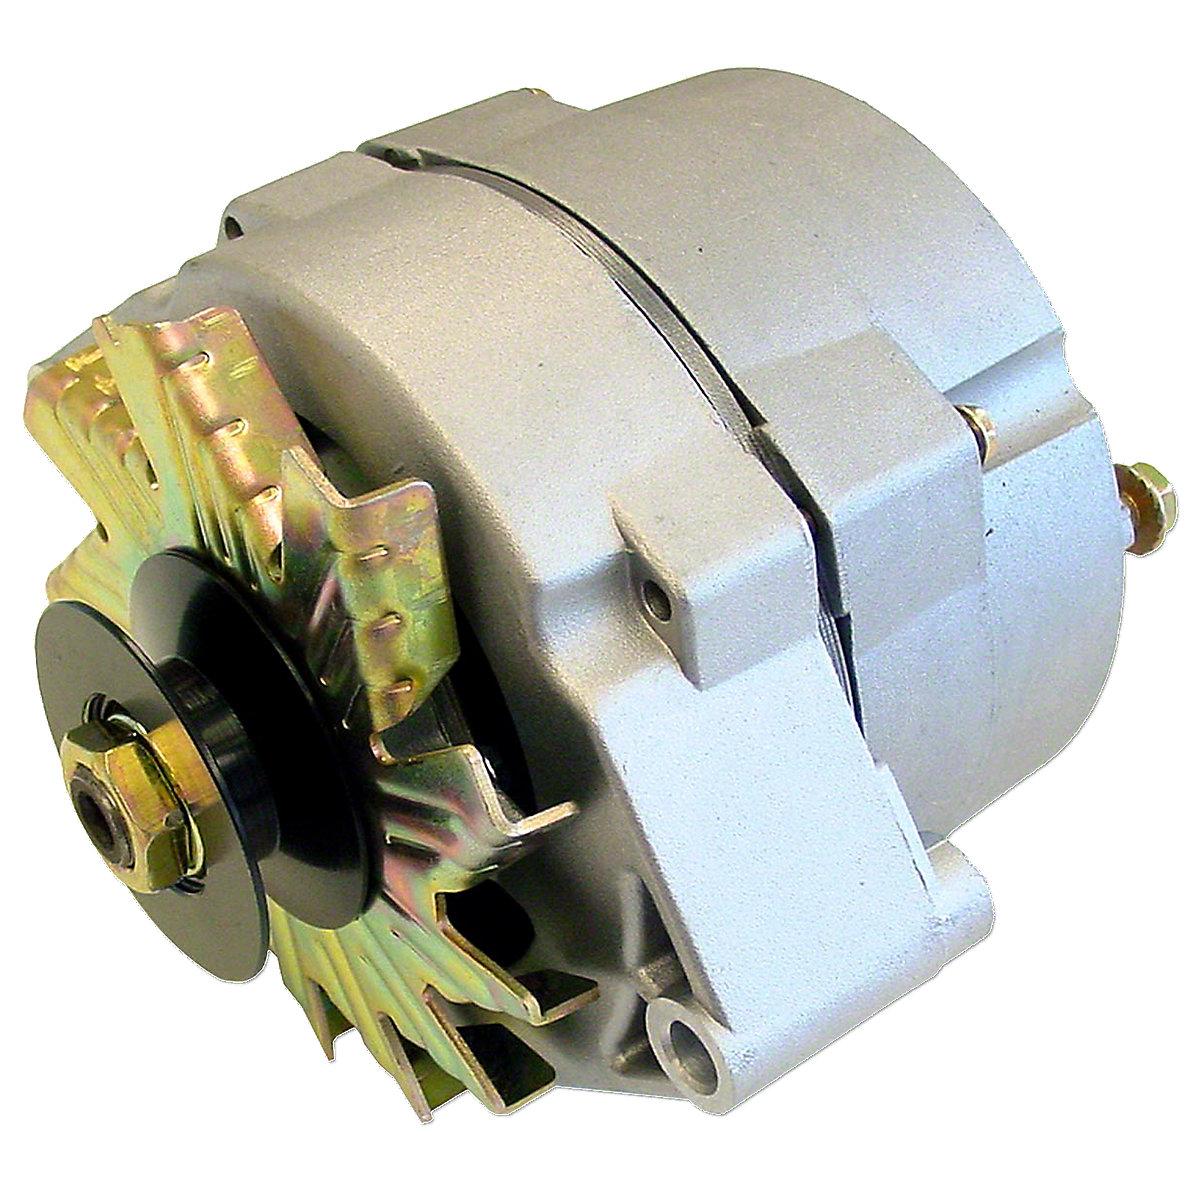 Voltage Regulator Wiring Also Tractor Meter Wiring Diagram On 6 Volt